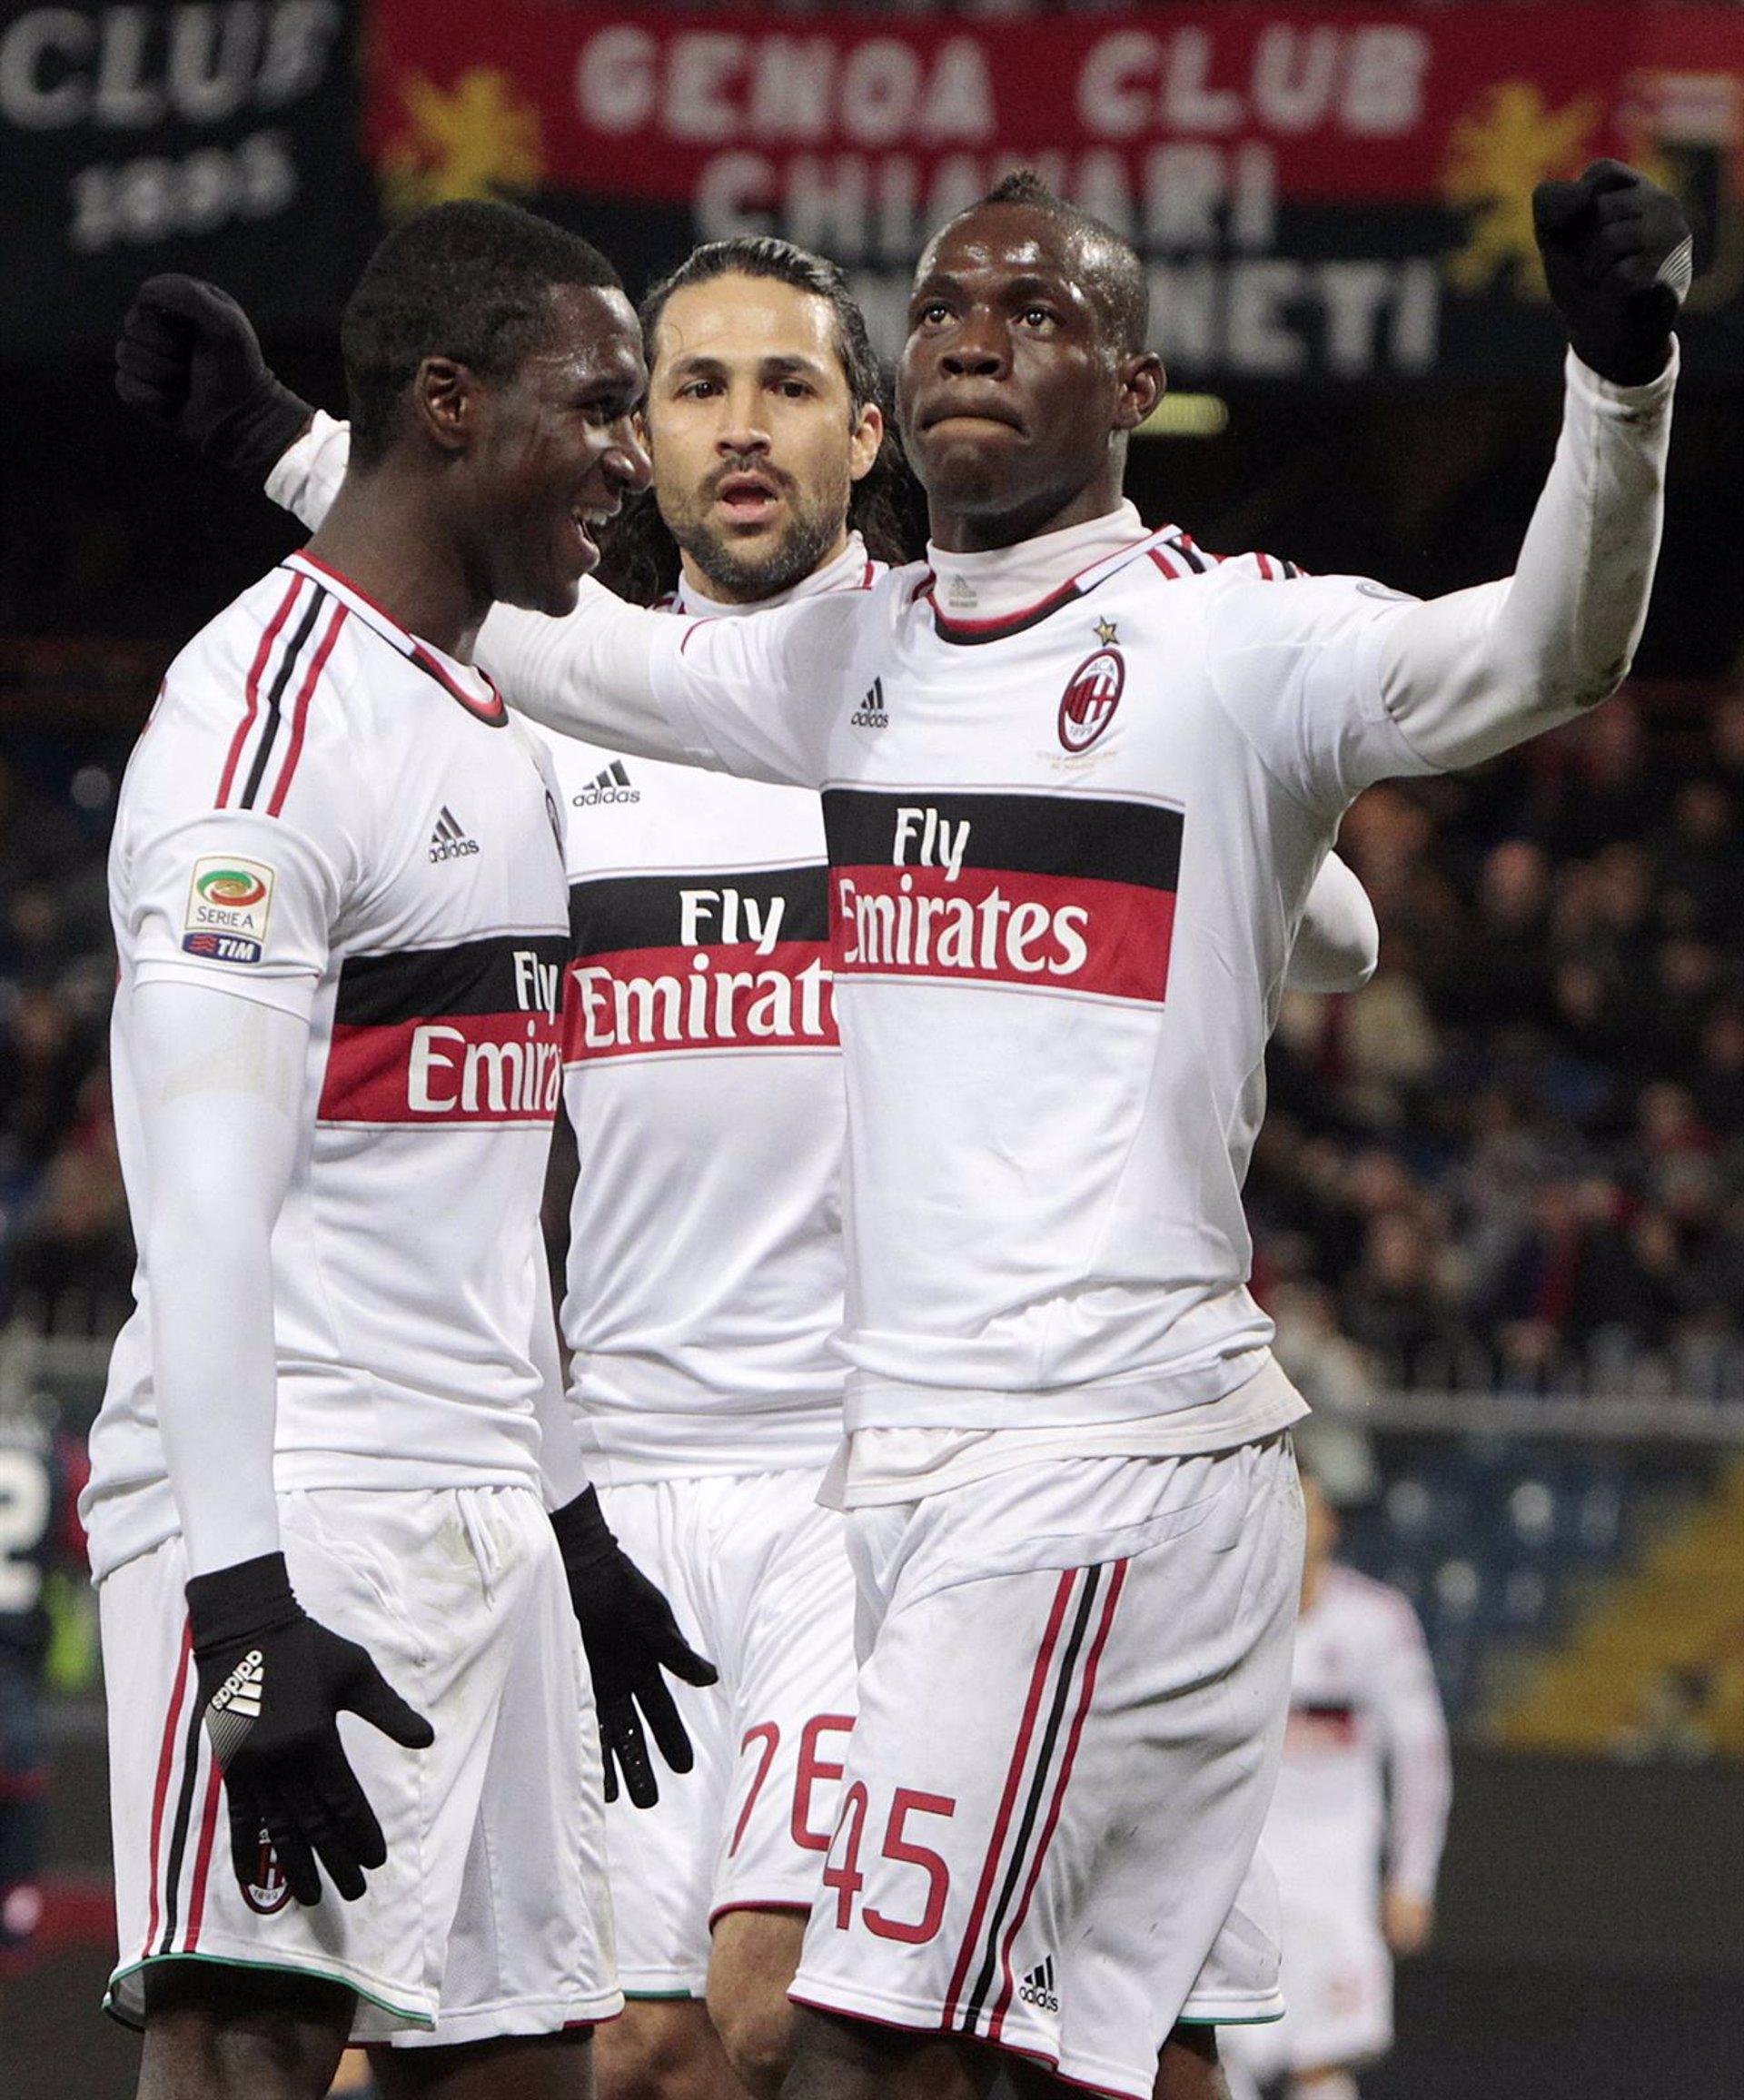 El Milan defiende su tercera plaza con una victoria (0-2) contra el Genoa antes de visitar el Camp Nou